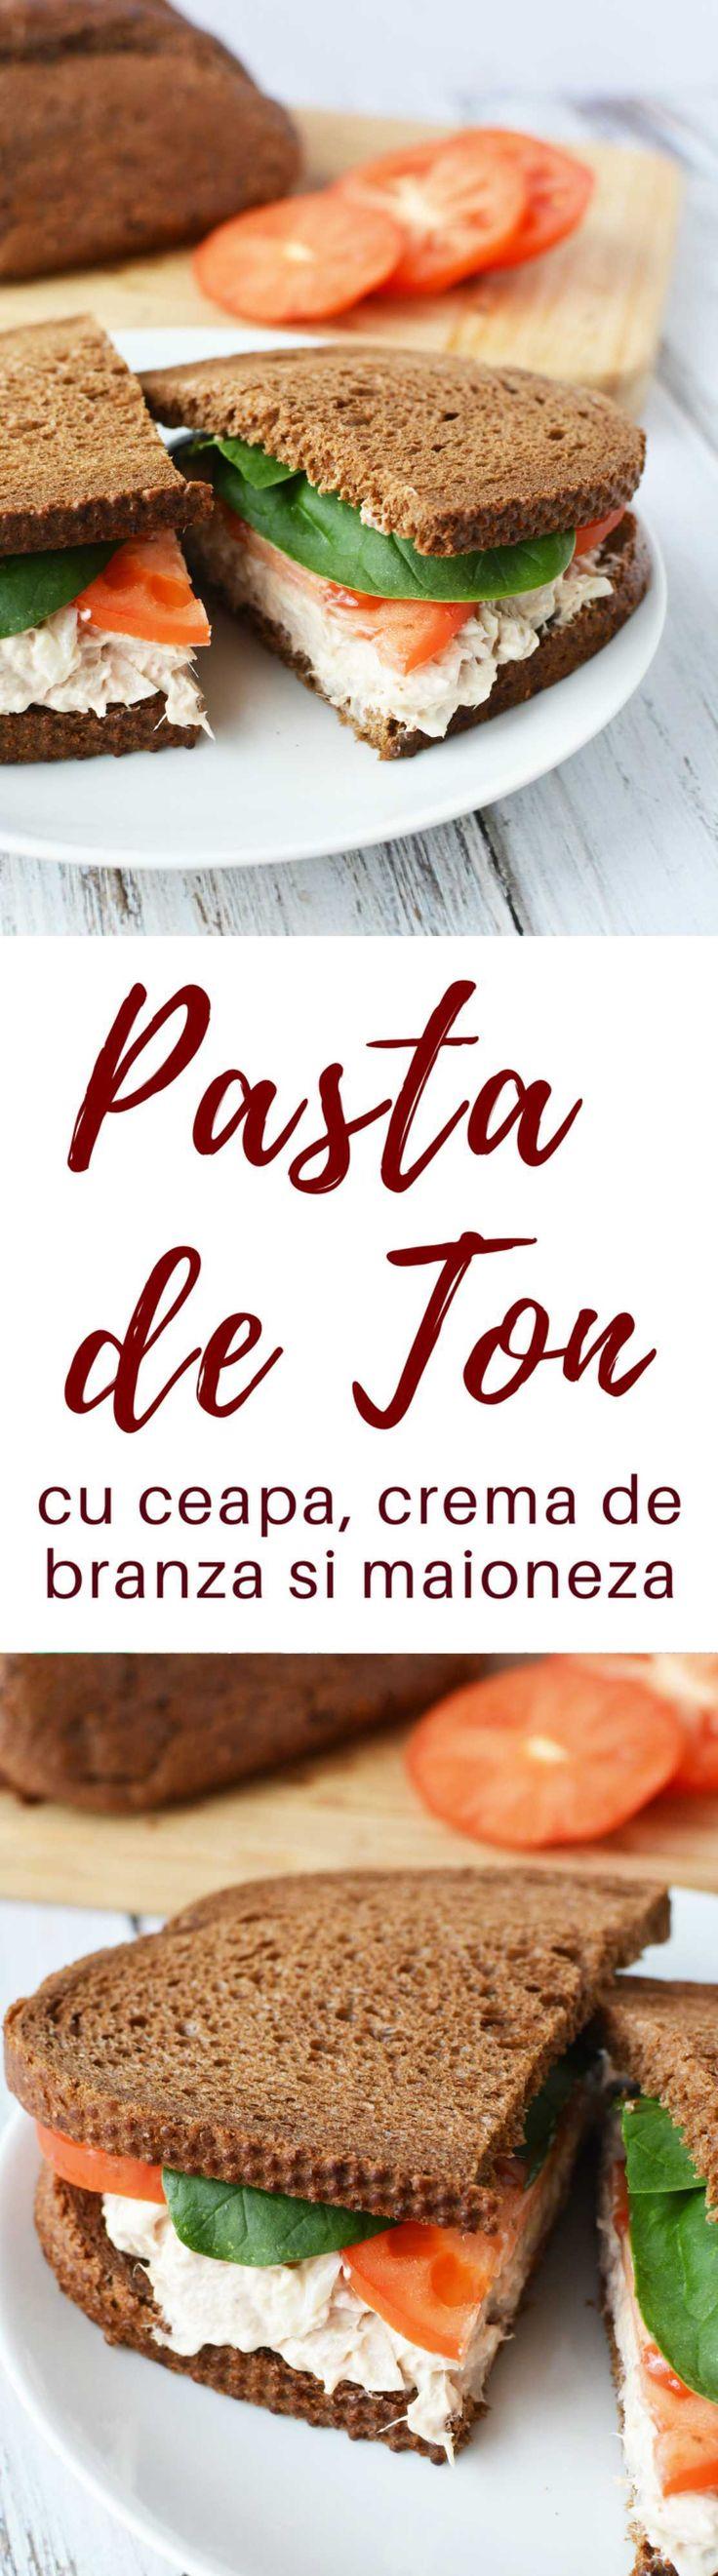 PASTA DE TON - Fă cea mai bună rețetă de pasta de ton cu ingrediente simple, dar delicioase cum ar fi brânză topită, ceapă, maioneză și sos iute! Grozava pentru sandwich-uri, precum și ca aperitiv cu chipsuri sau crackers.